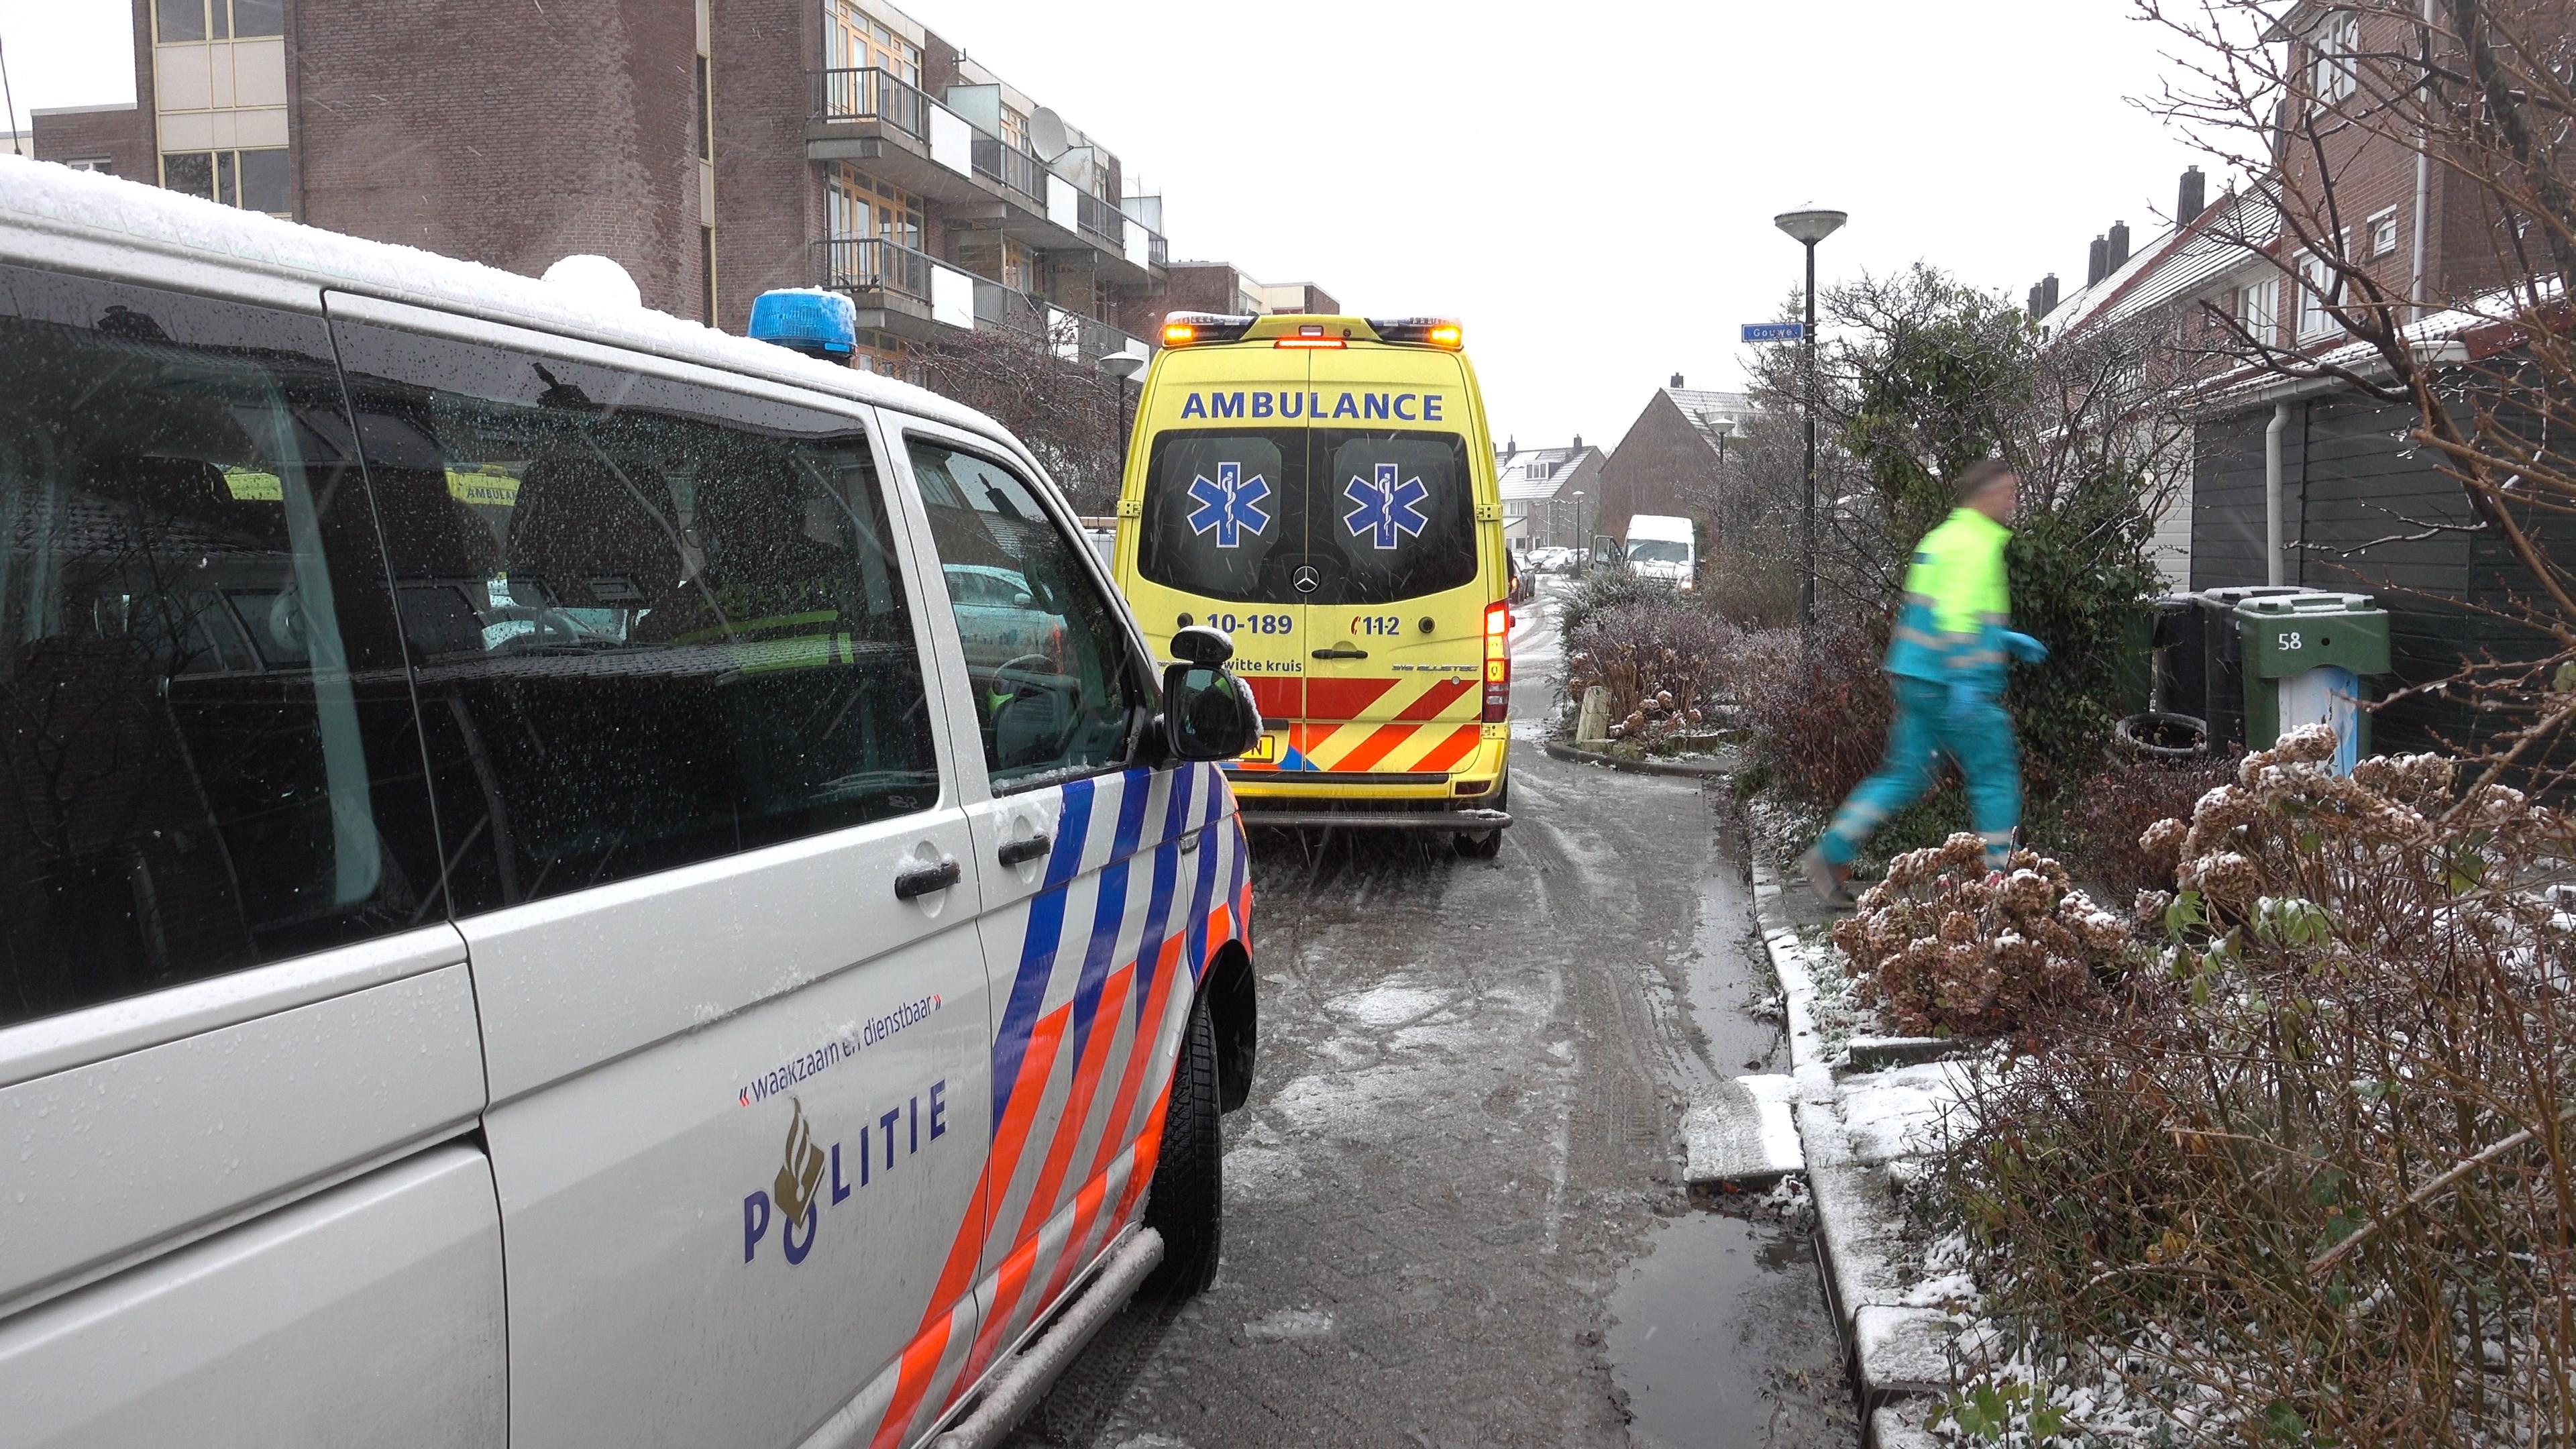 Meisje onder politiebegeleiding naar ziekenhuis na val in sneeuw Heerhugowaard